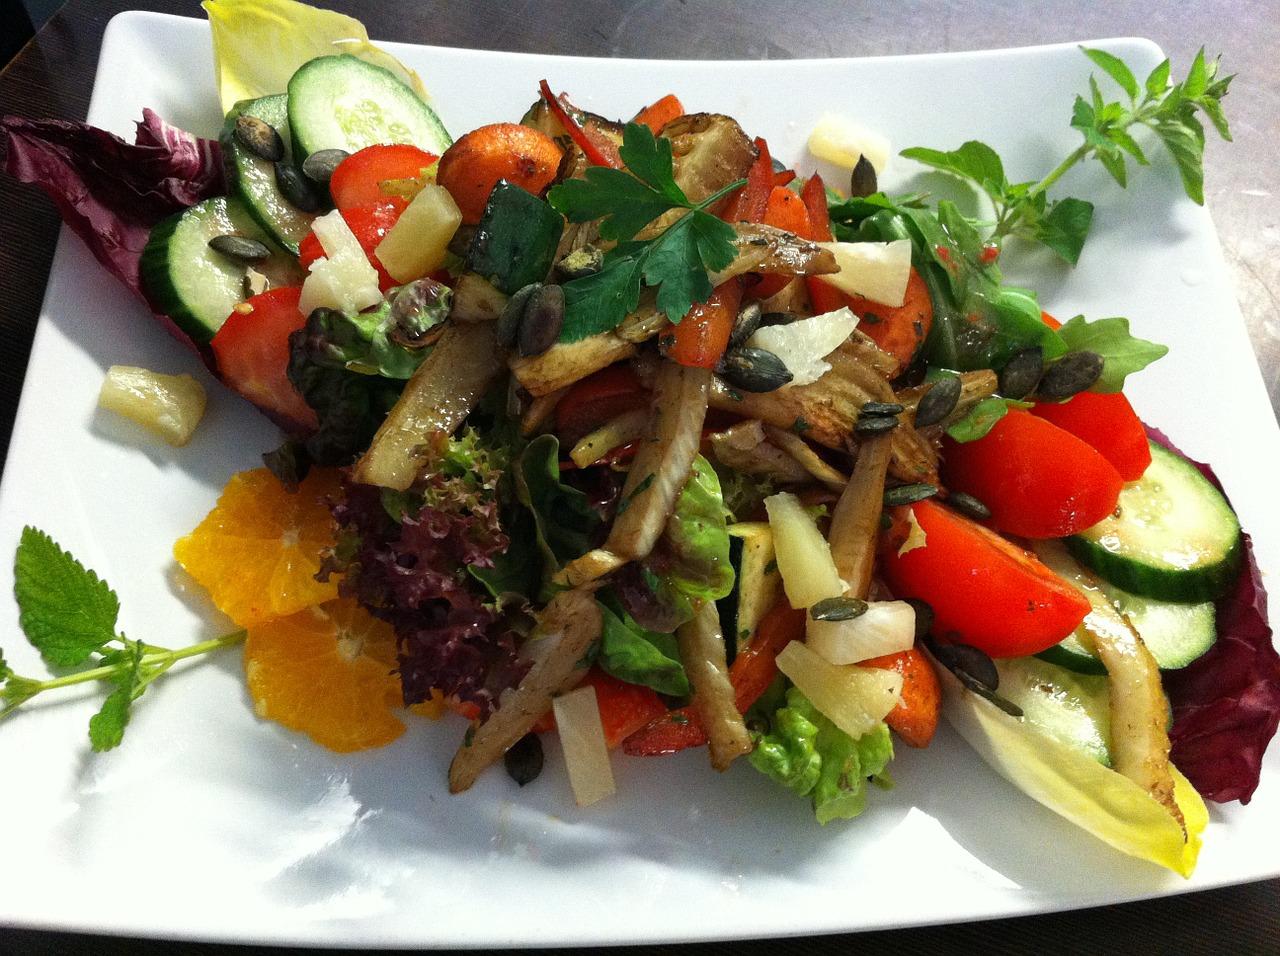 Letnia sałatka warzywna z dodatkiem oleju rzepakowego